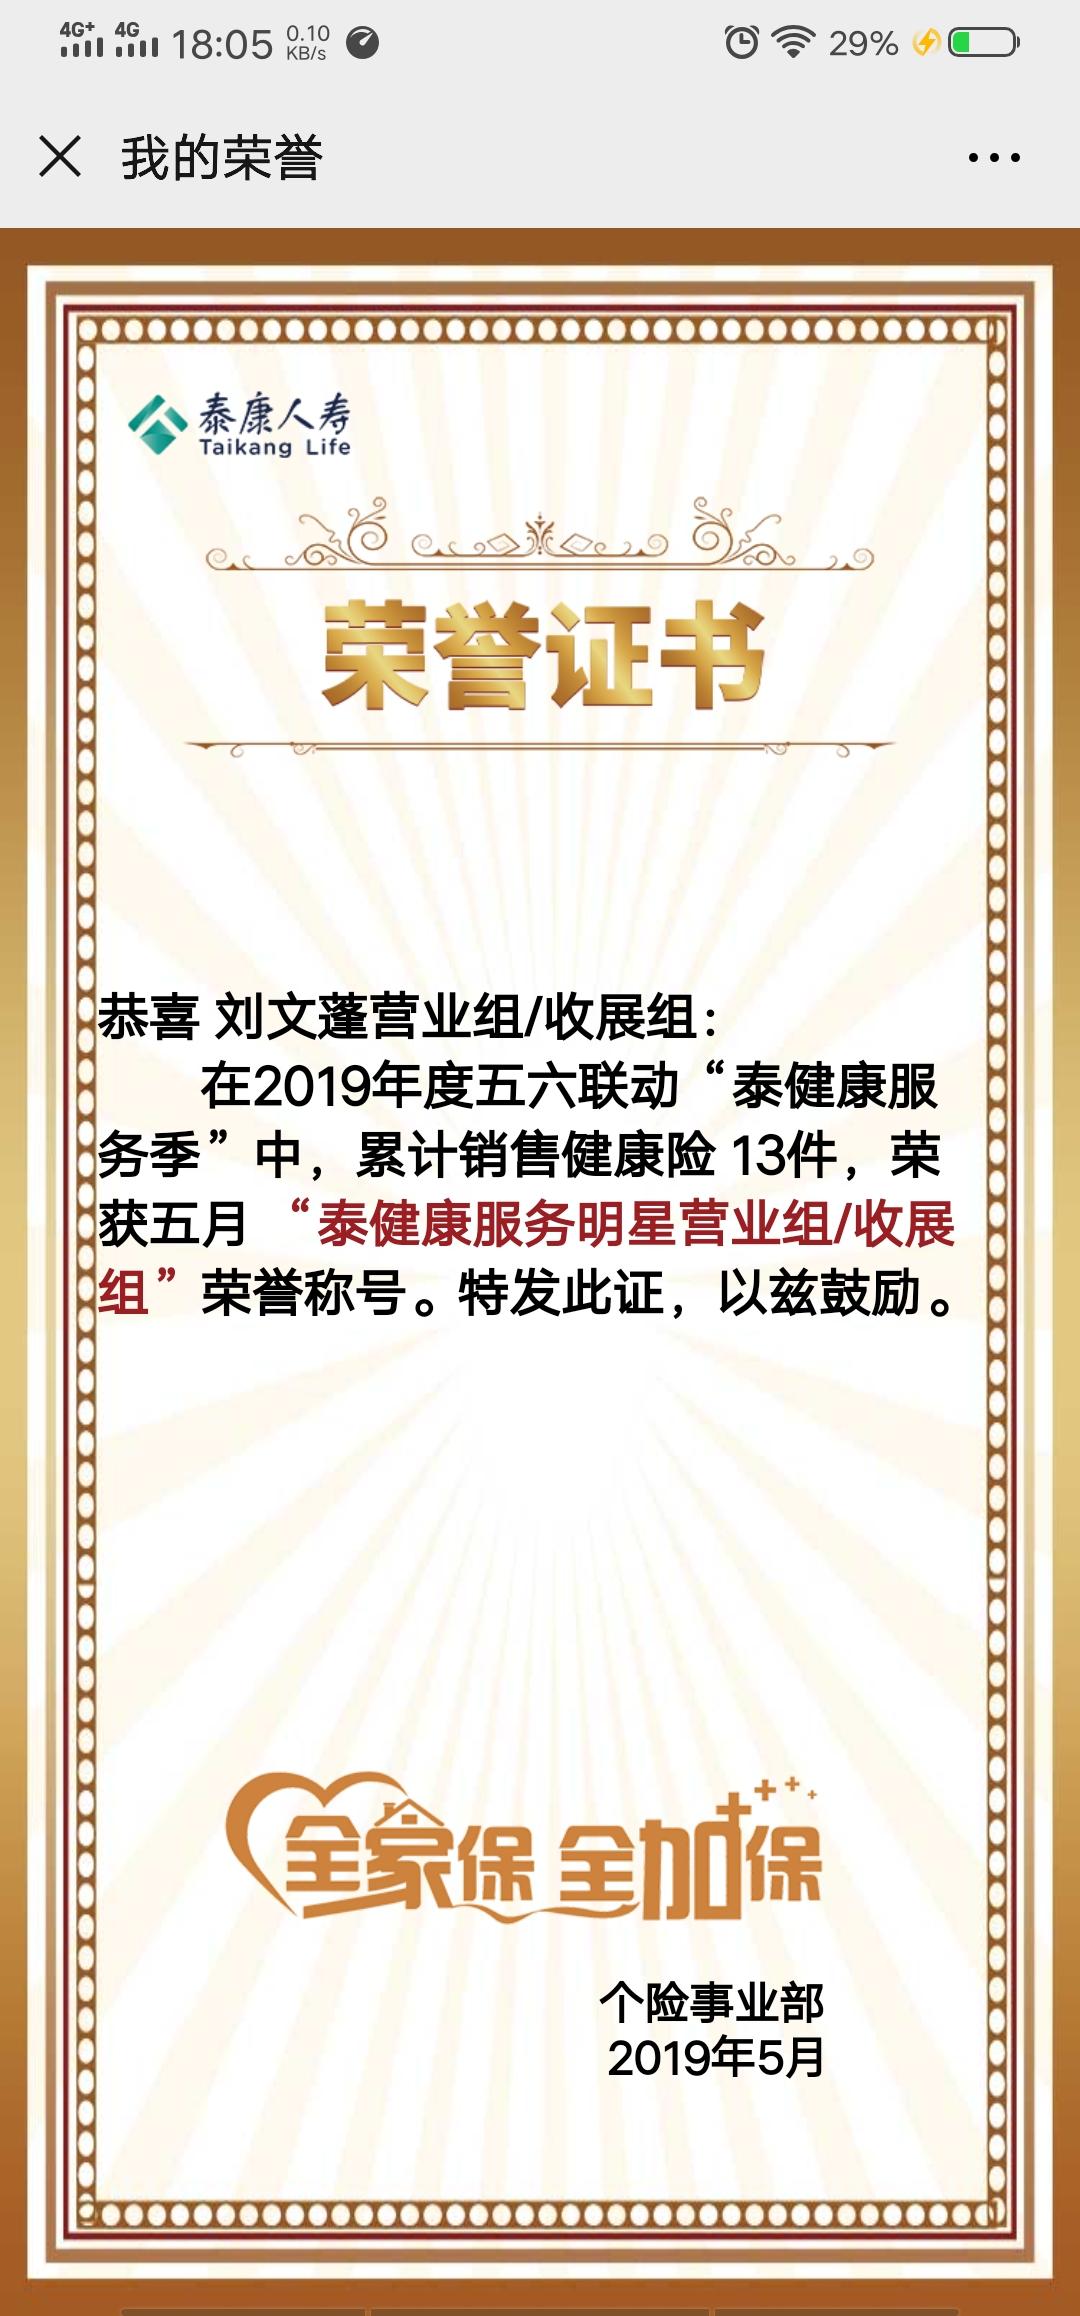 2019荣获泰康北分服务明星小组